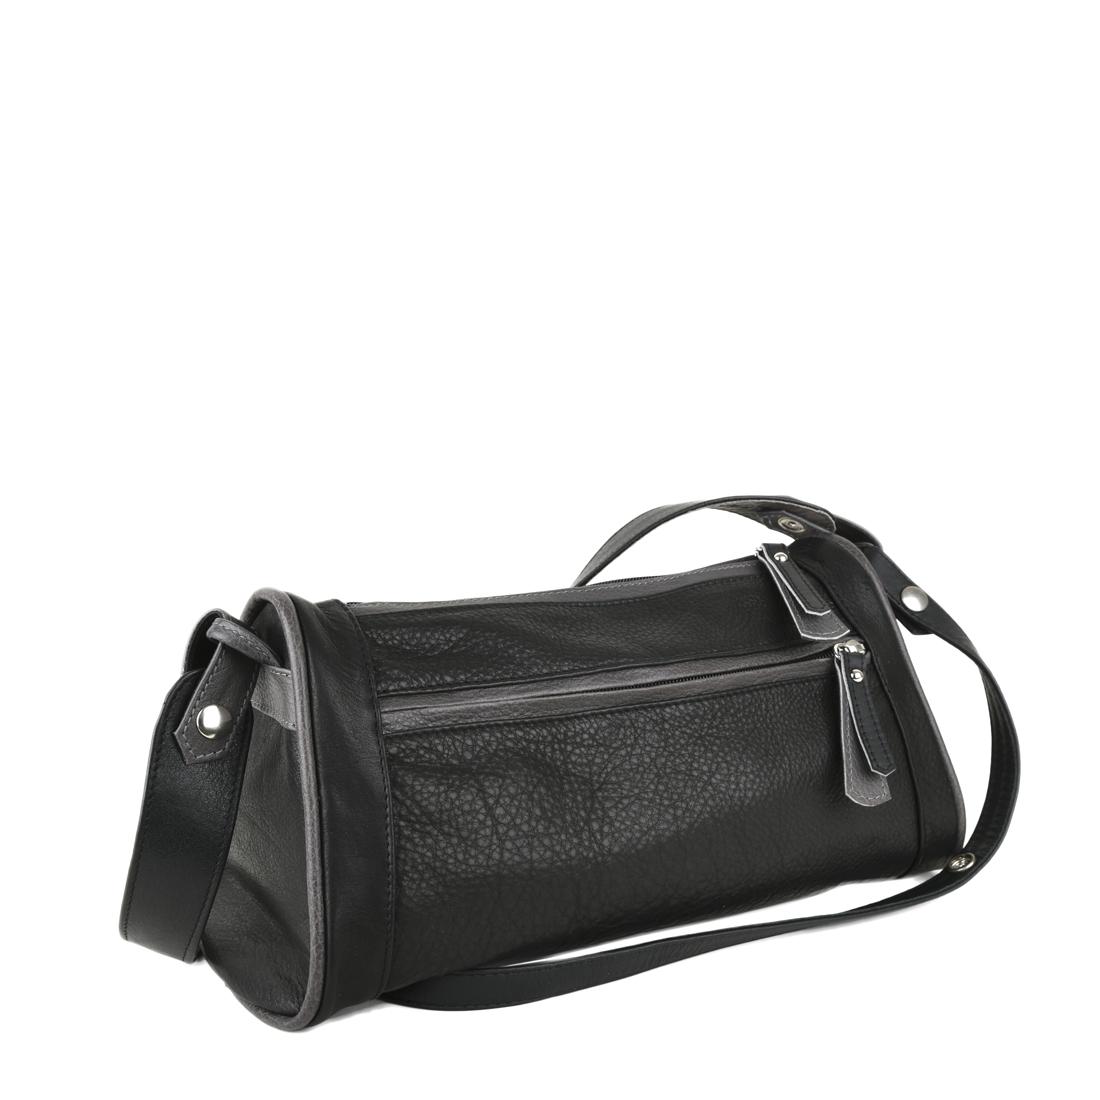 Petra Black Leather Shoulder Bag